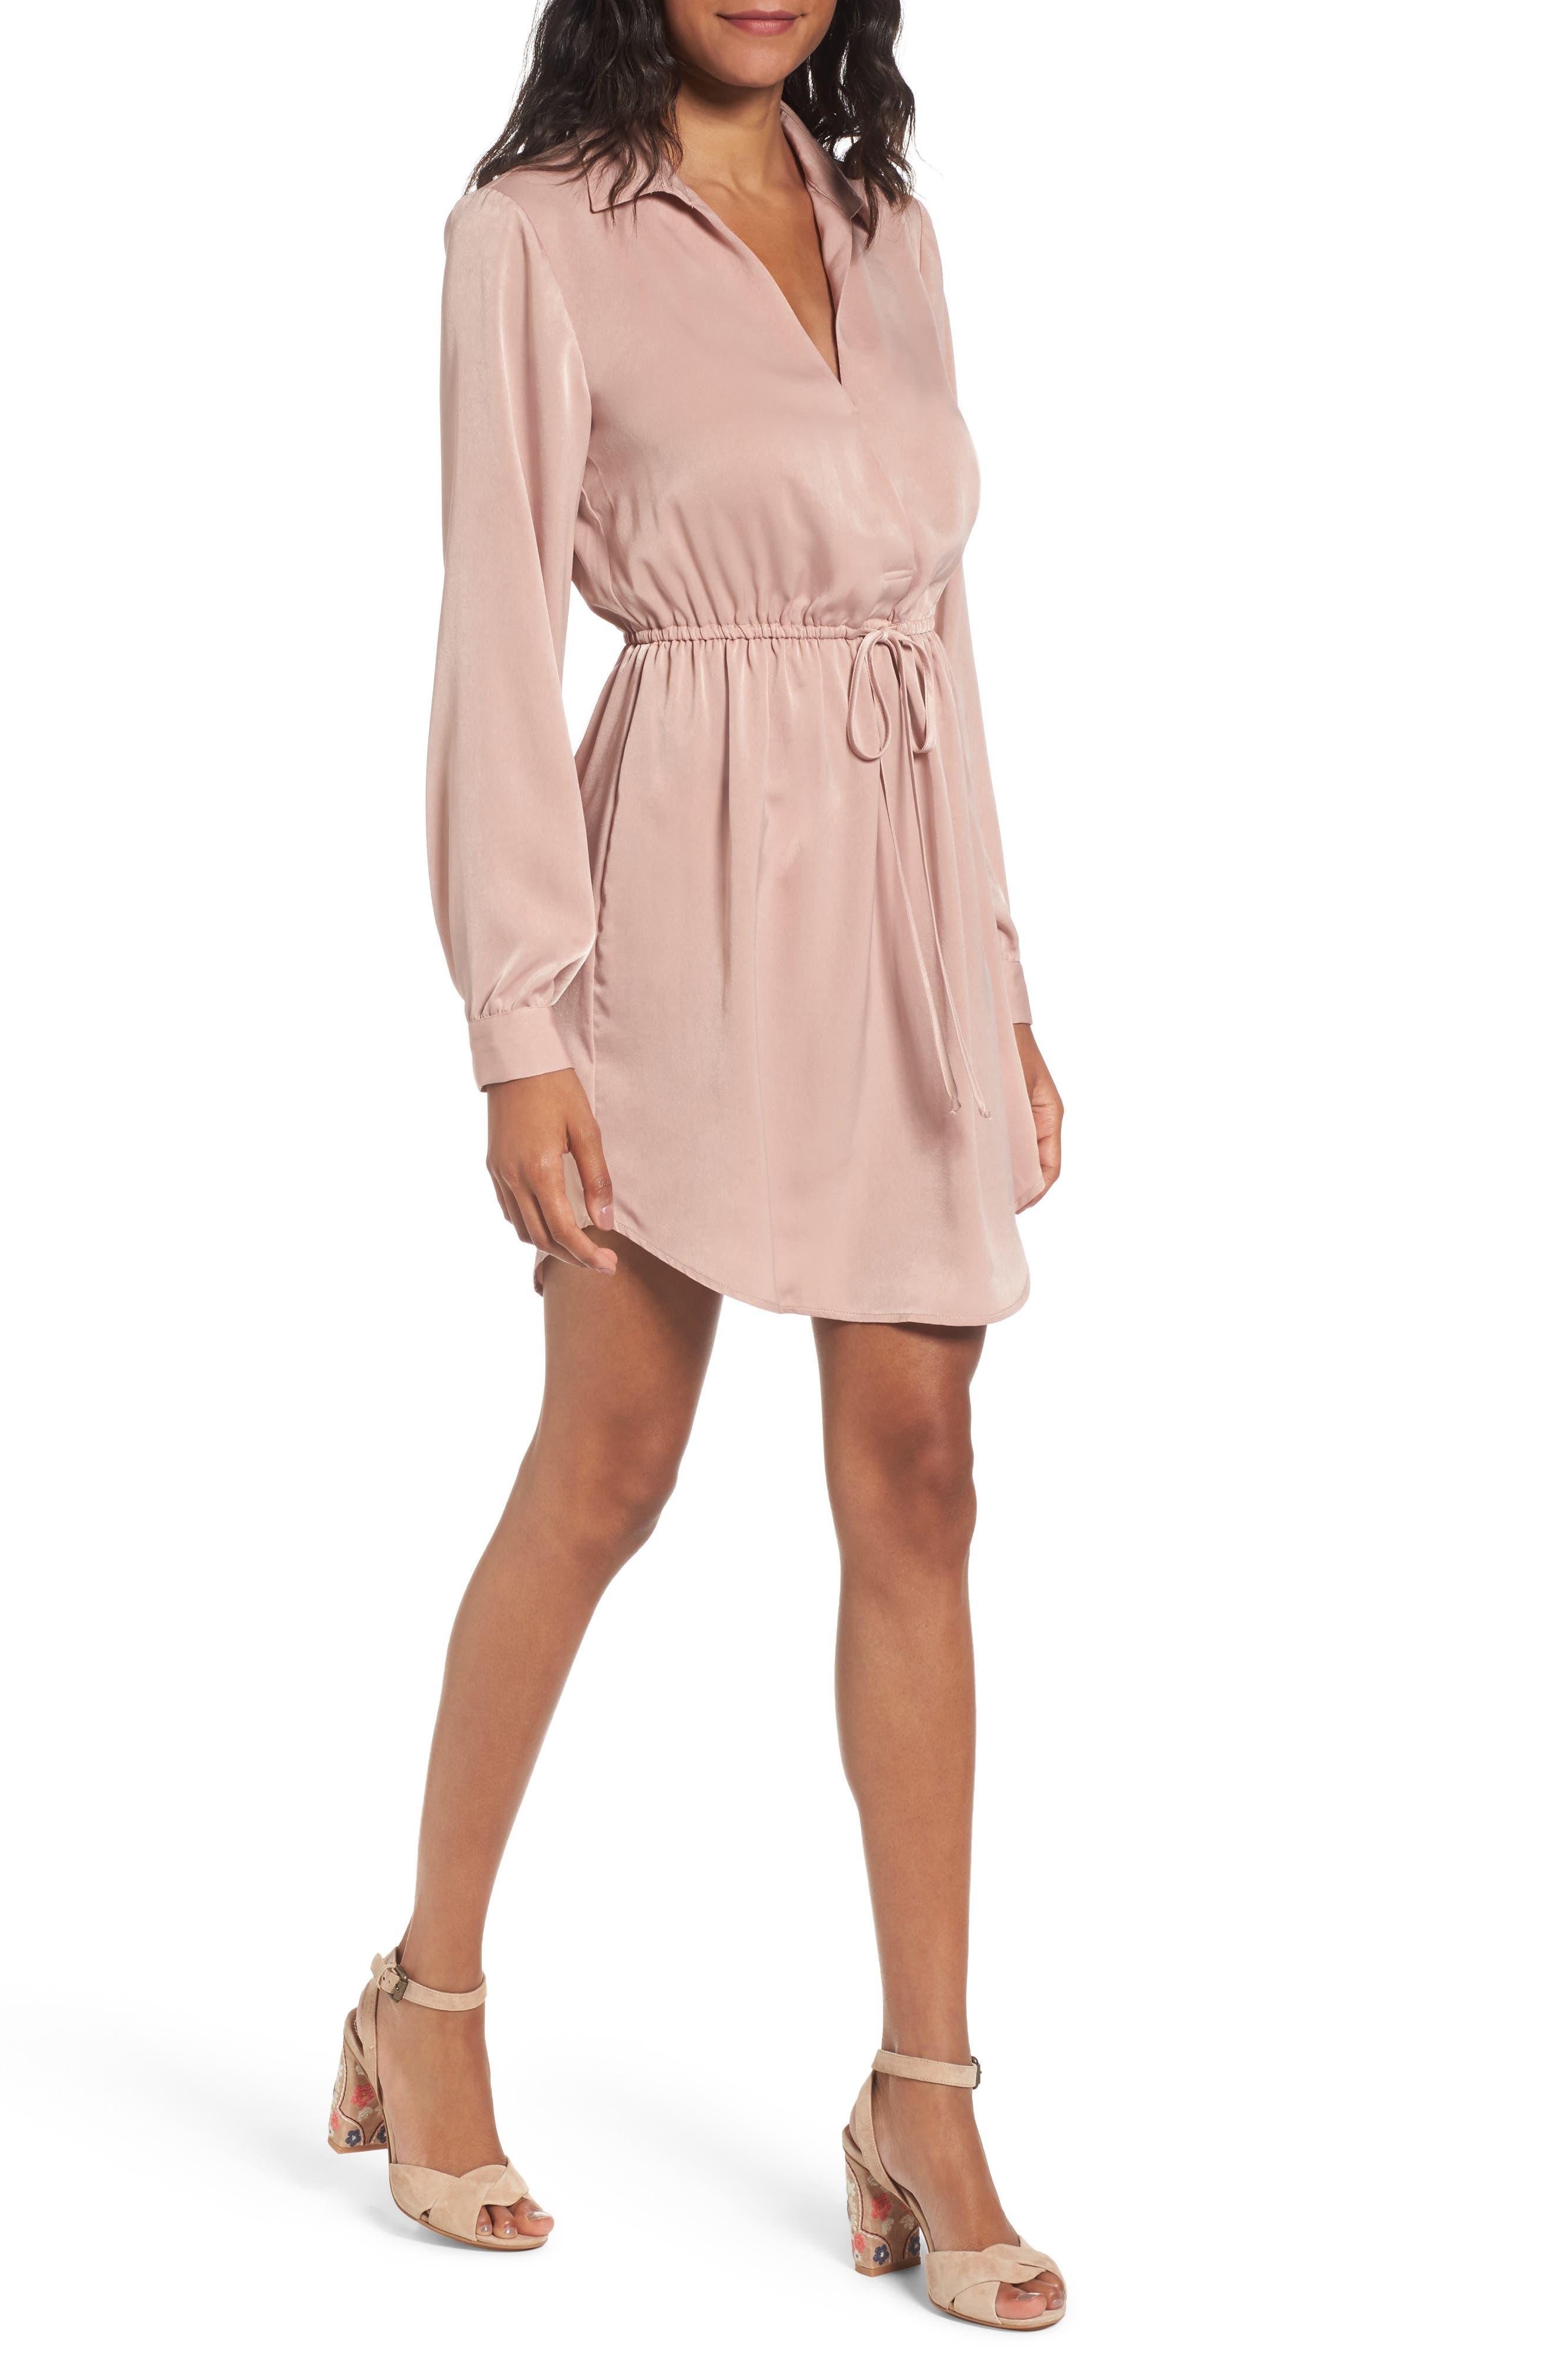 Lush Payton Cinched Waist Dress